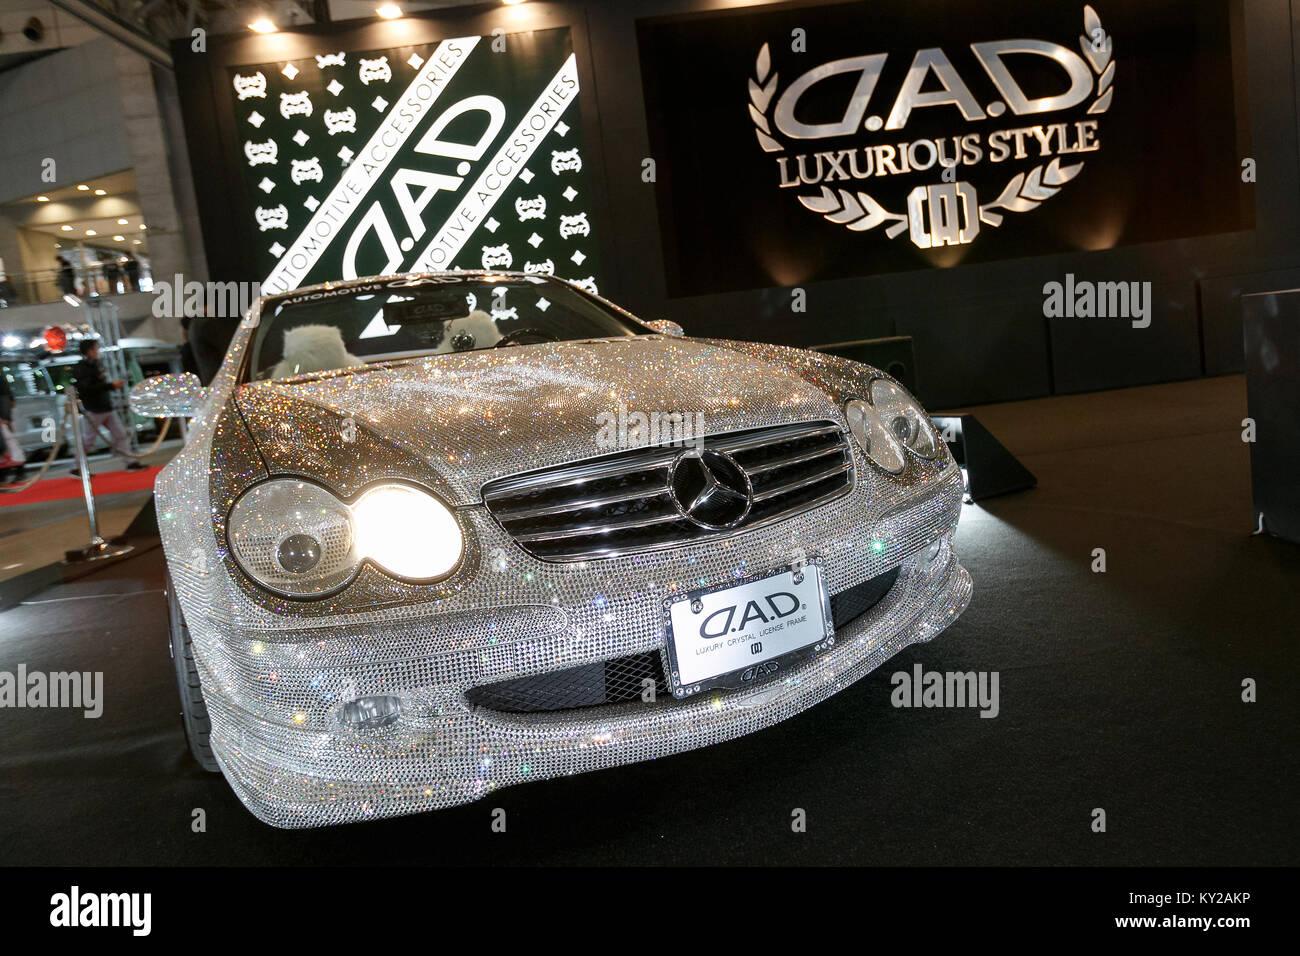 Chiba, Japan. 12th January, 2018. Car Dress Up Shop D.A.D Displays